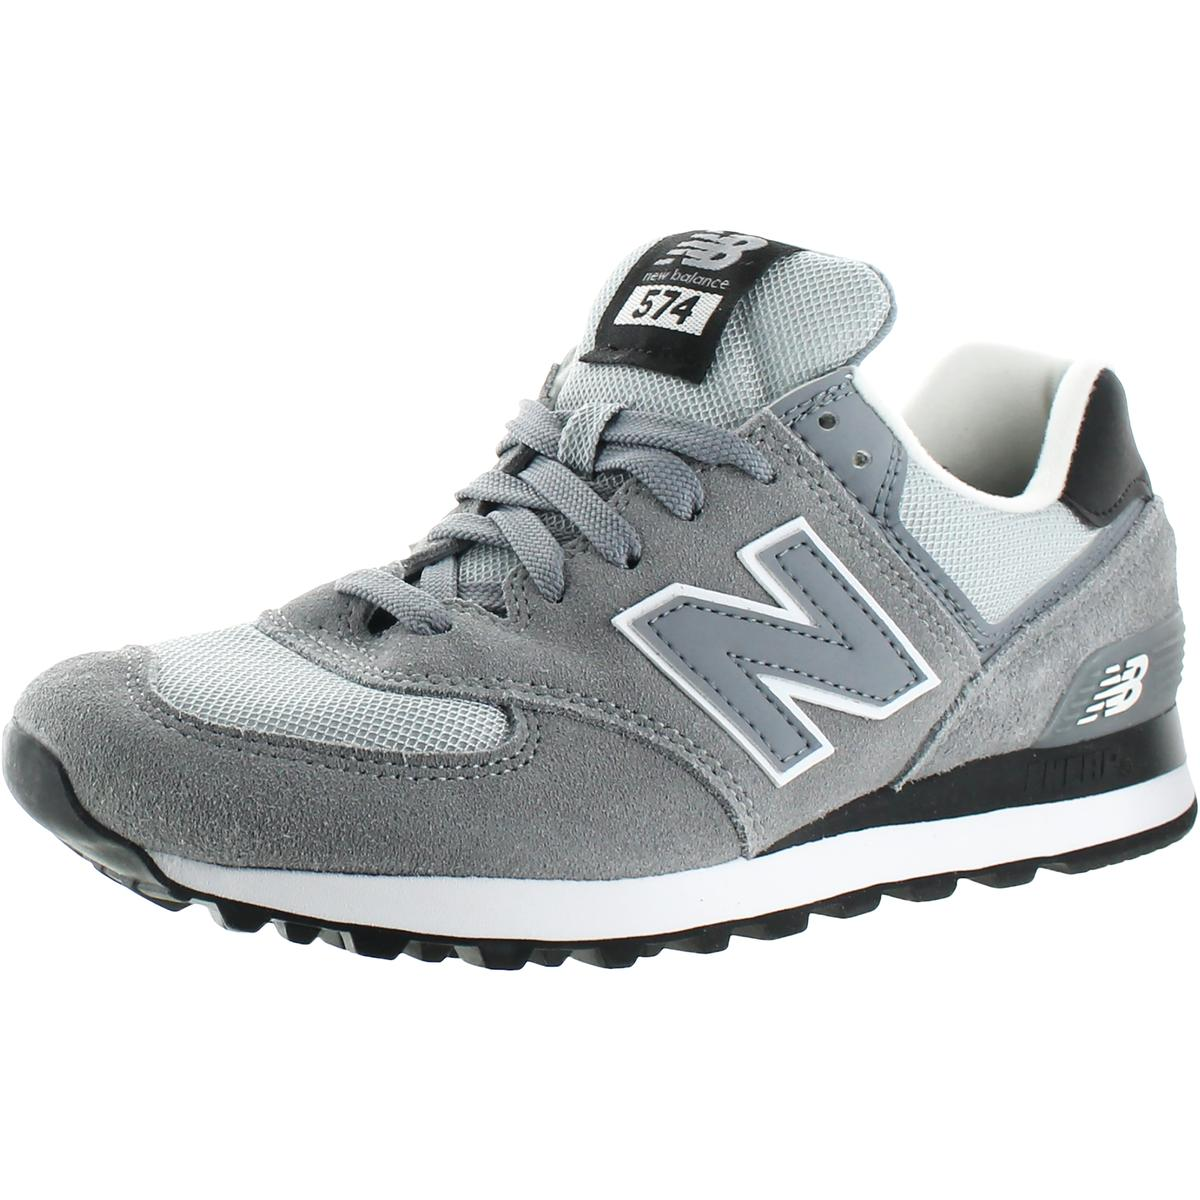 best value d2647 749da New Balance 574 Core Plus Mens Suede Mesh Inset Athletic Shoes